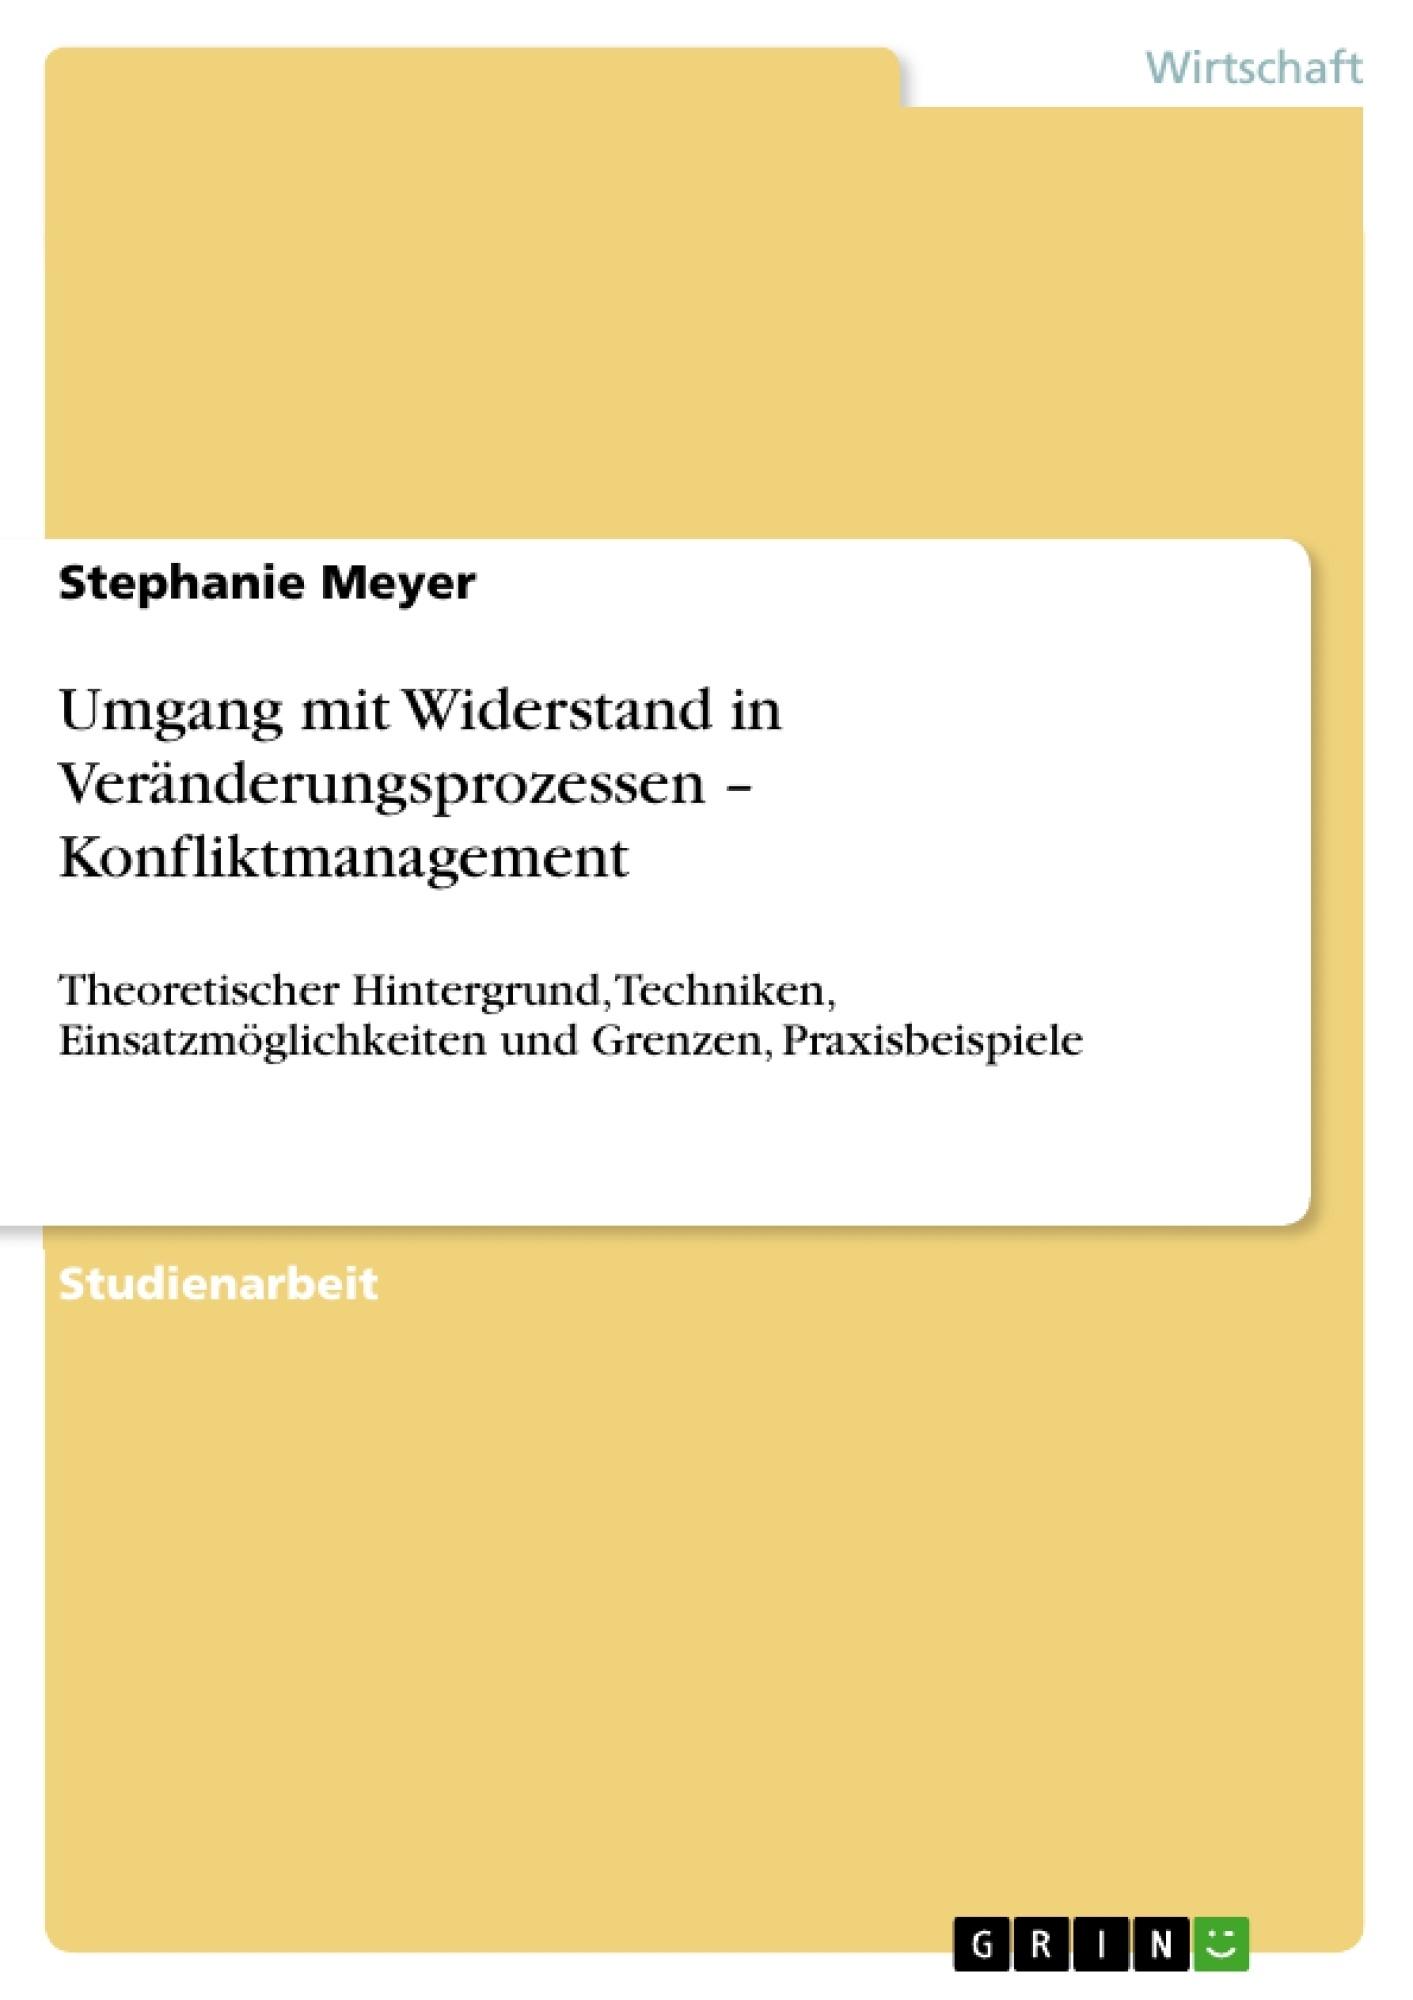 Titel: Umgang mit Widerstand in Veränderungsprozessen – Konfliktmanagement